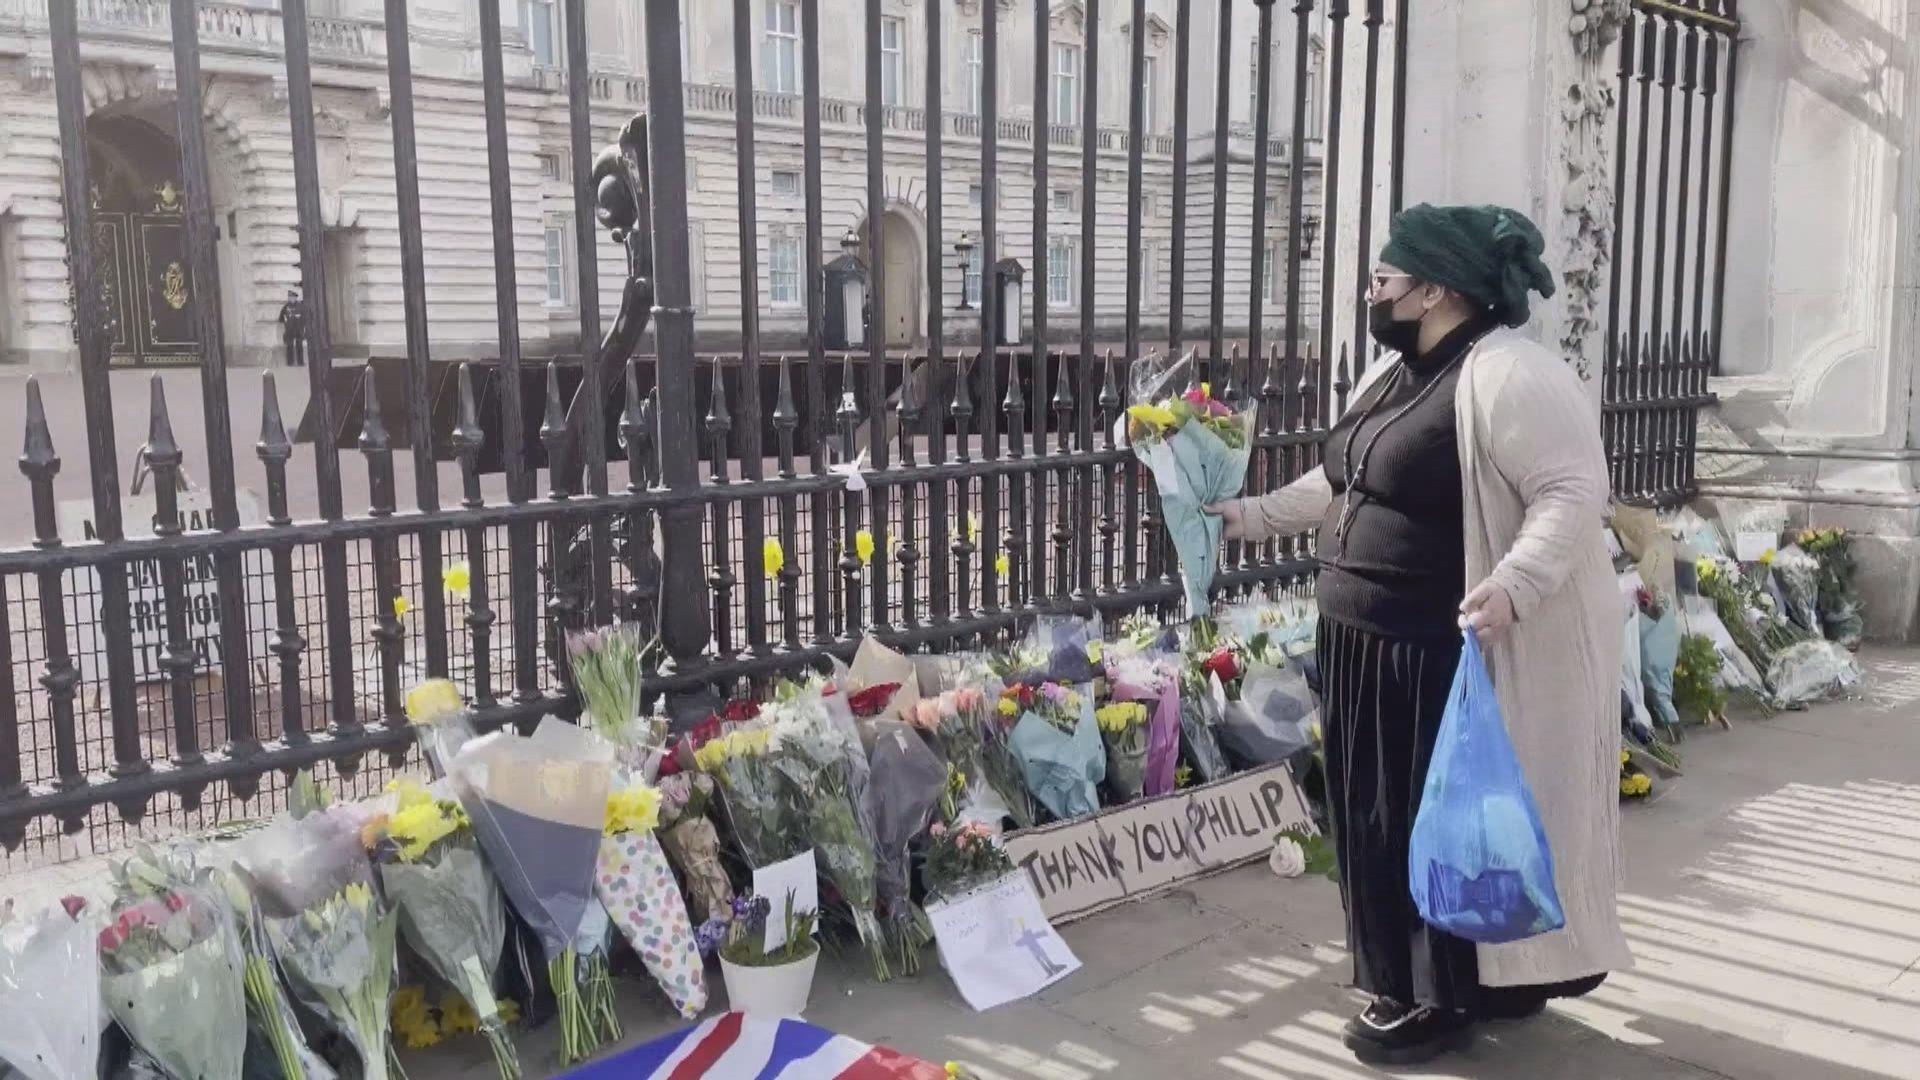 菲臘親王離世 受防疫措施影響最多30人送葬